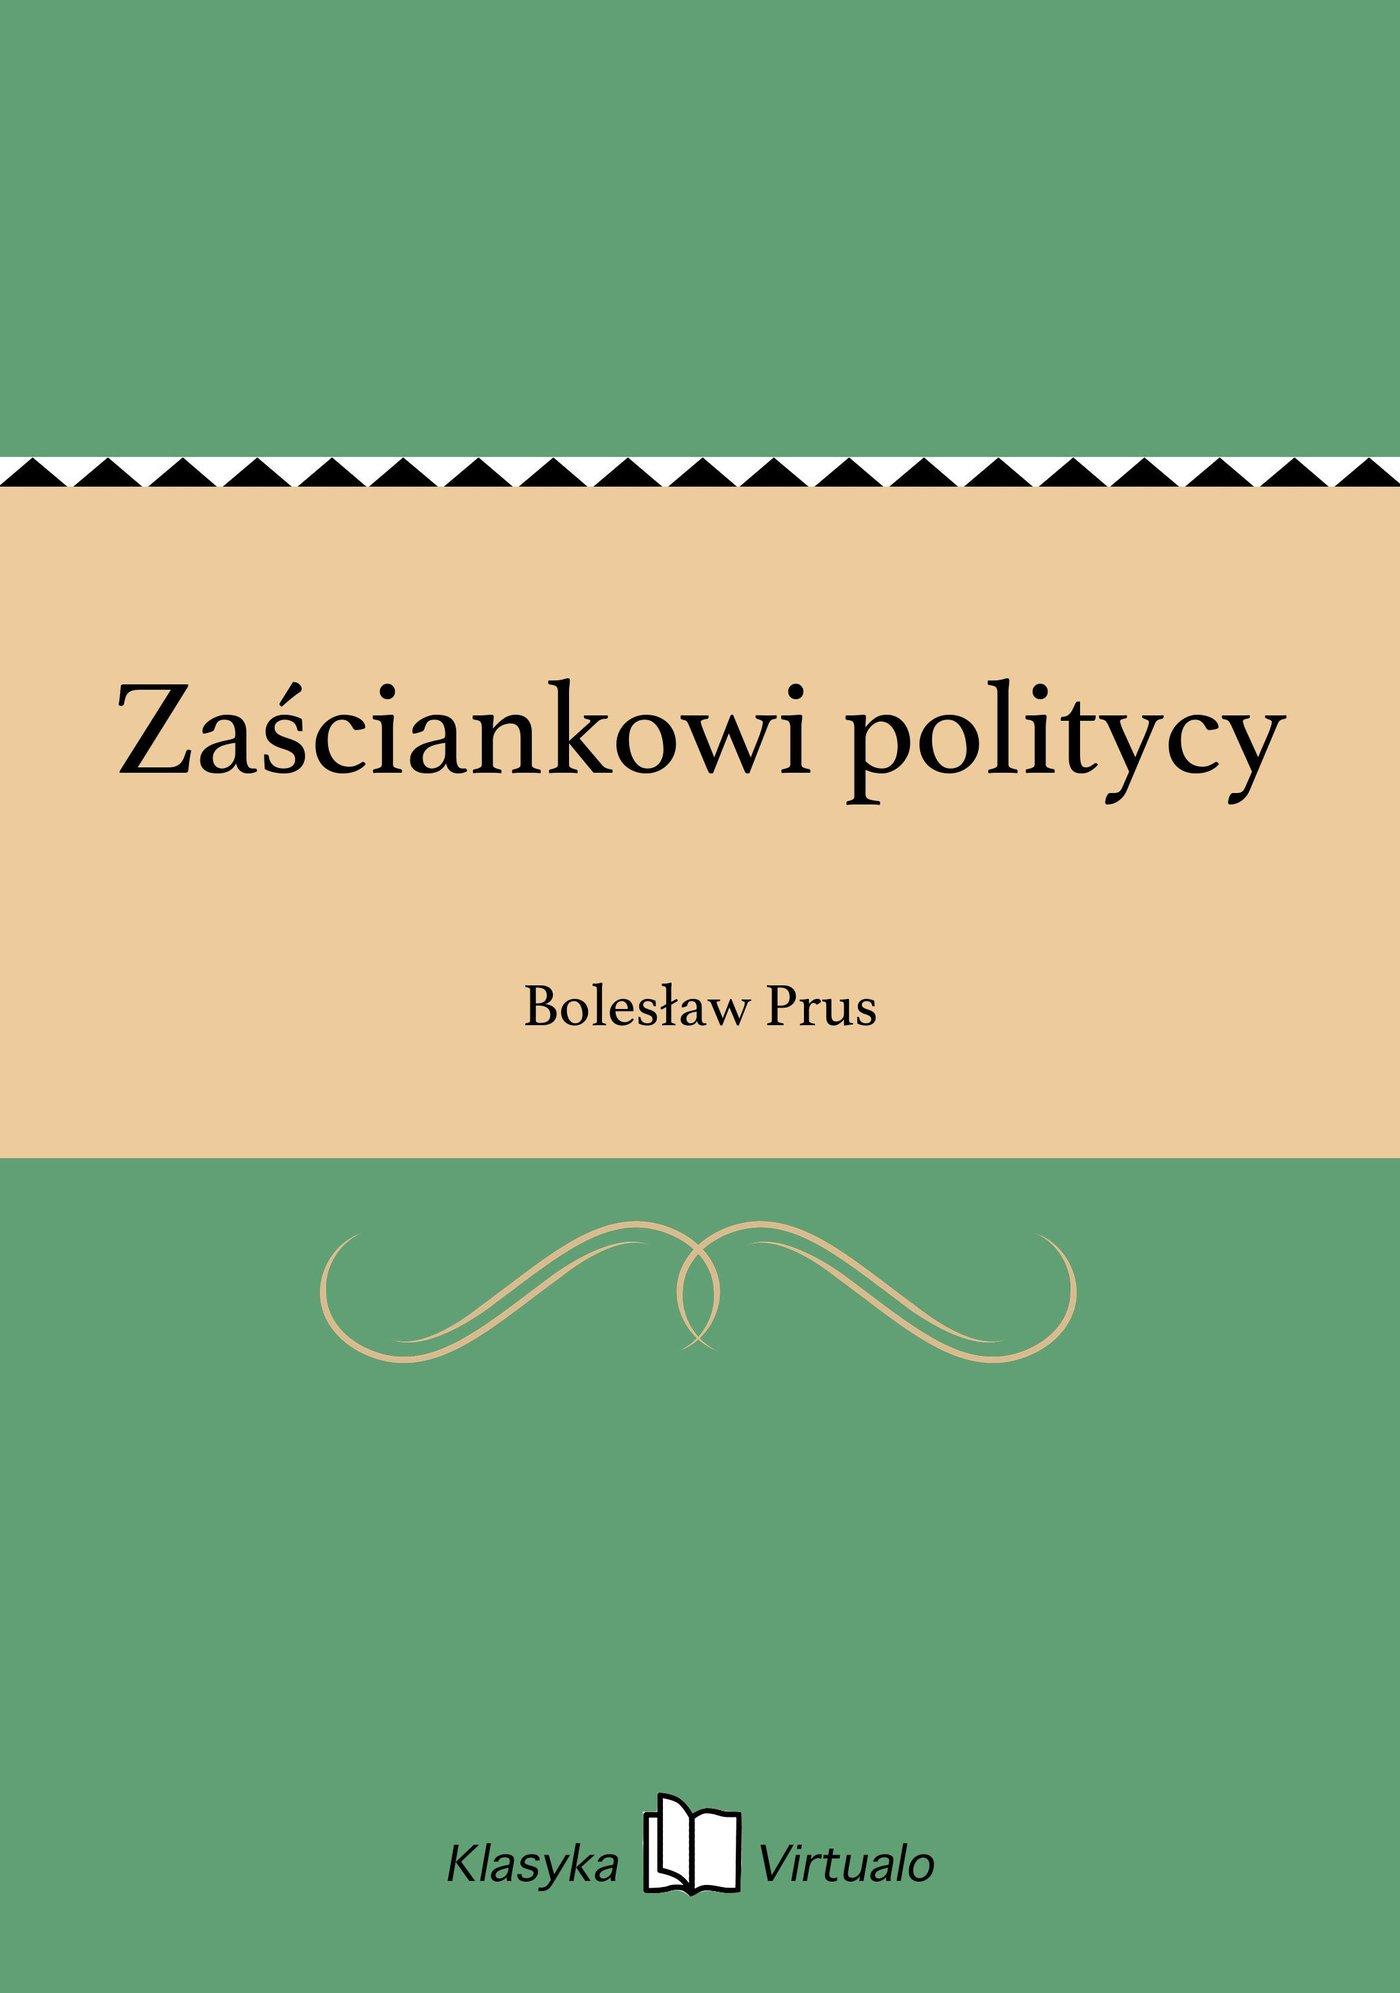 Zaściankowi politycy - Ebook (Książka EPUB) do pobrania w formacie EPUB